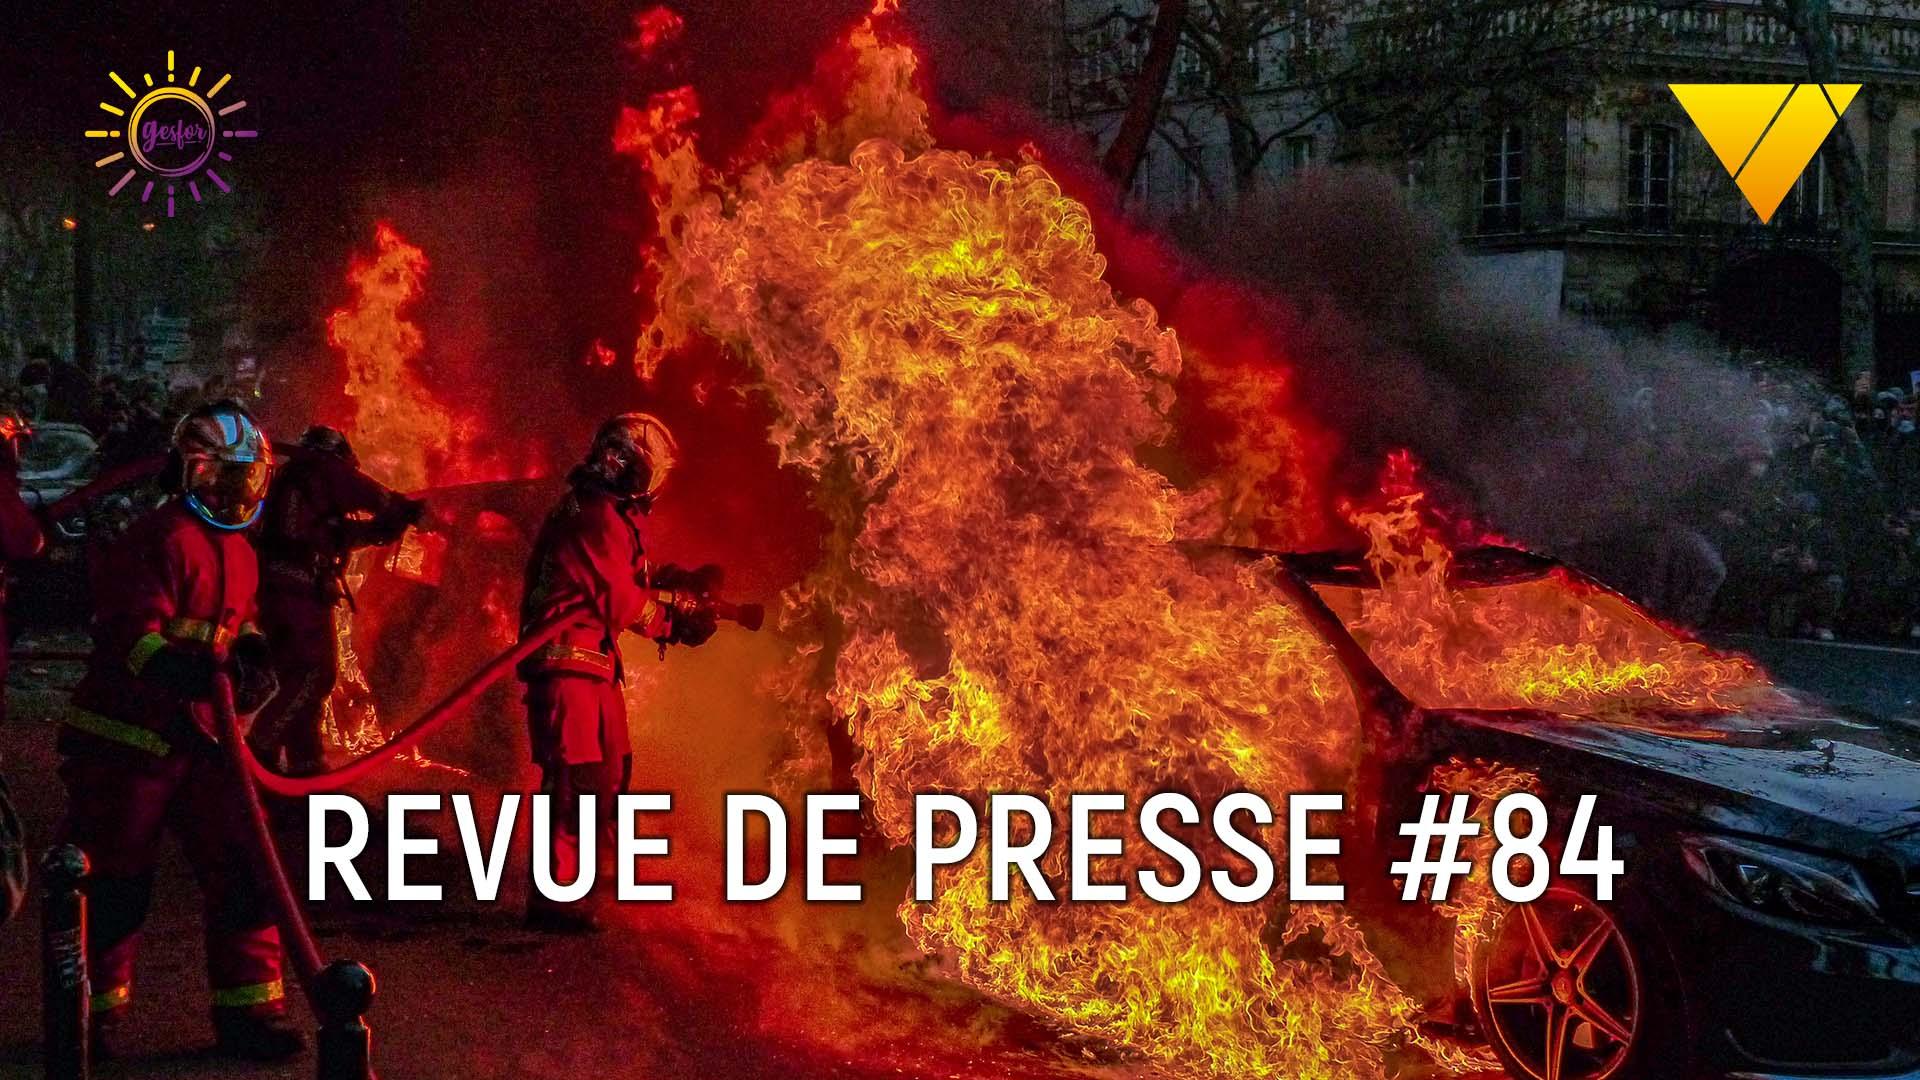 84ème revue de presse accidentologie du travail, on parle accident catec , agression de pompiers et bilan 2019